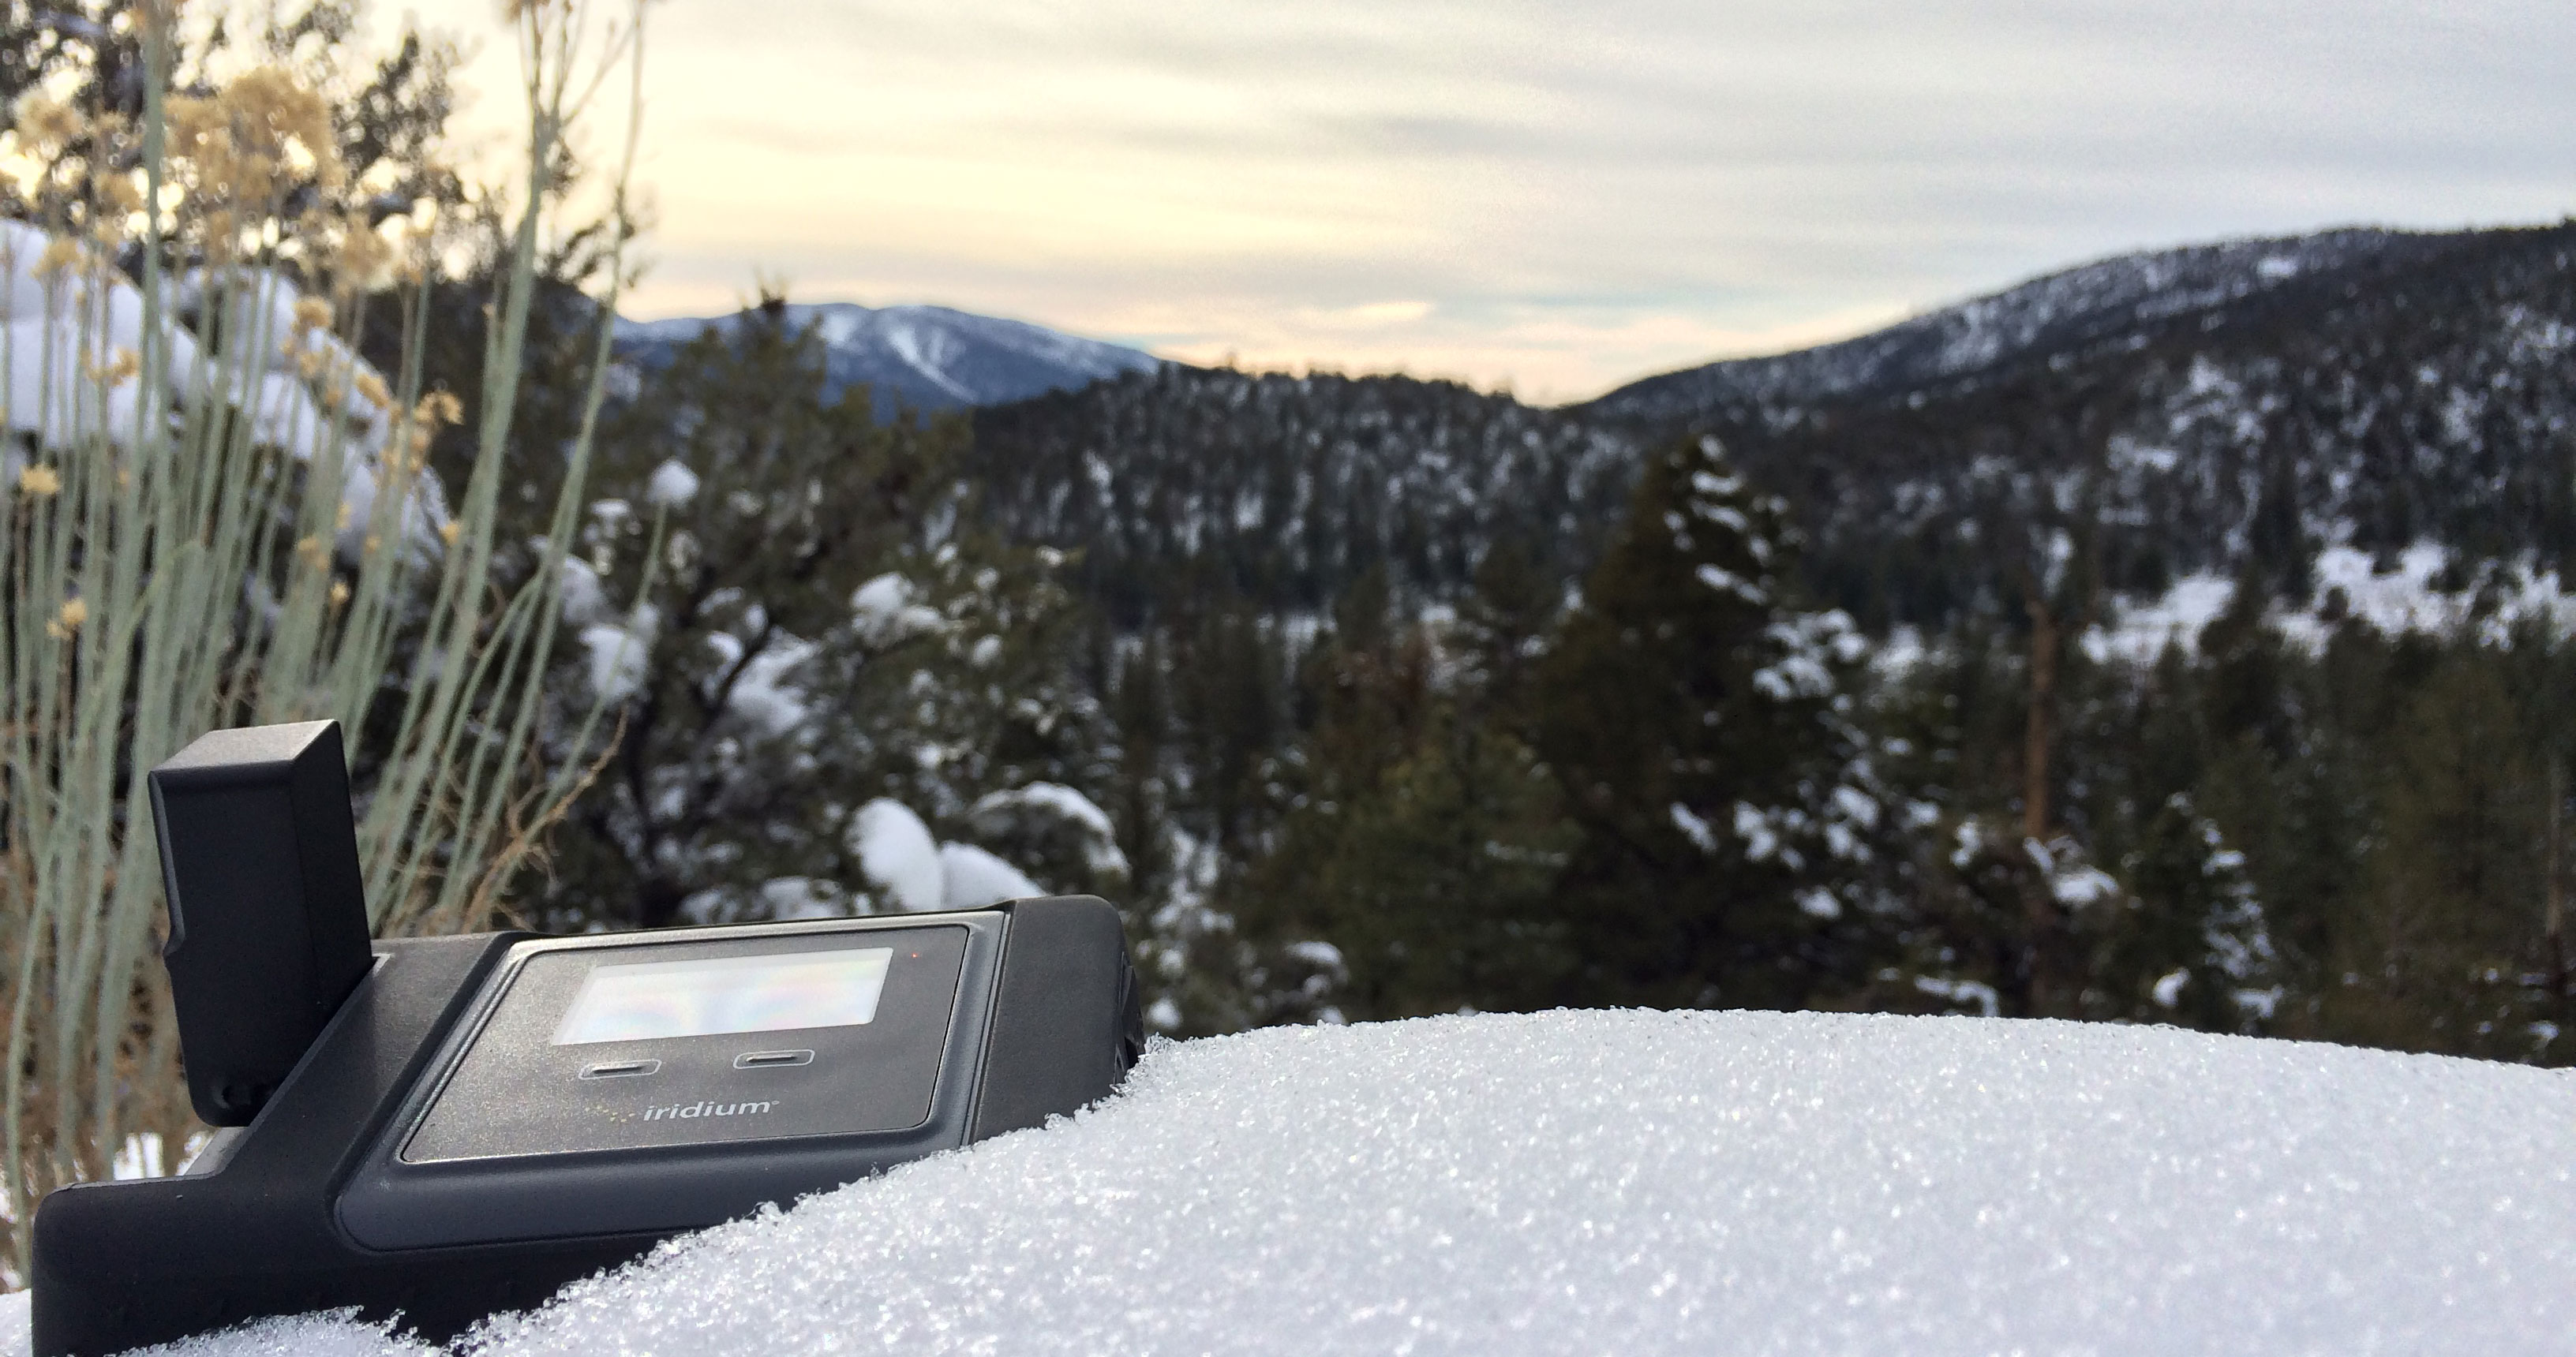 iridium-go-wifi-hotspot-in-the-mountains-2.jpg